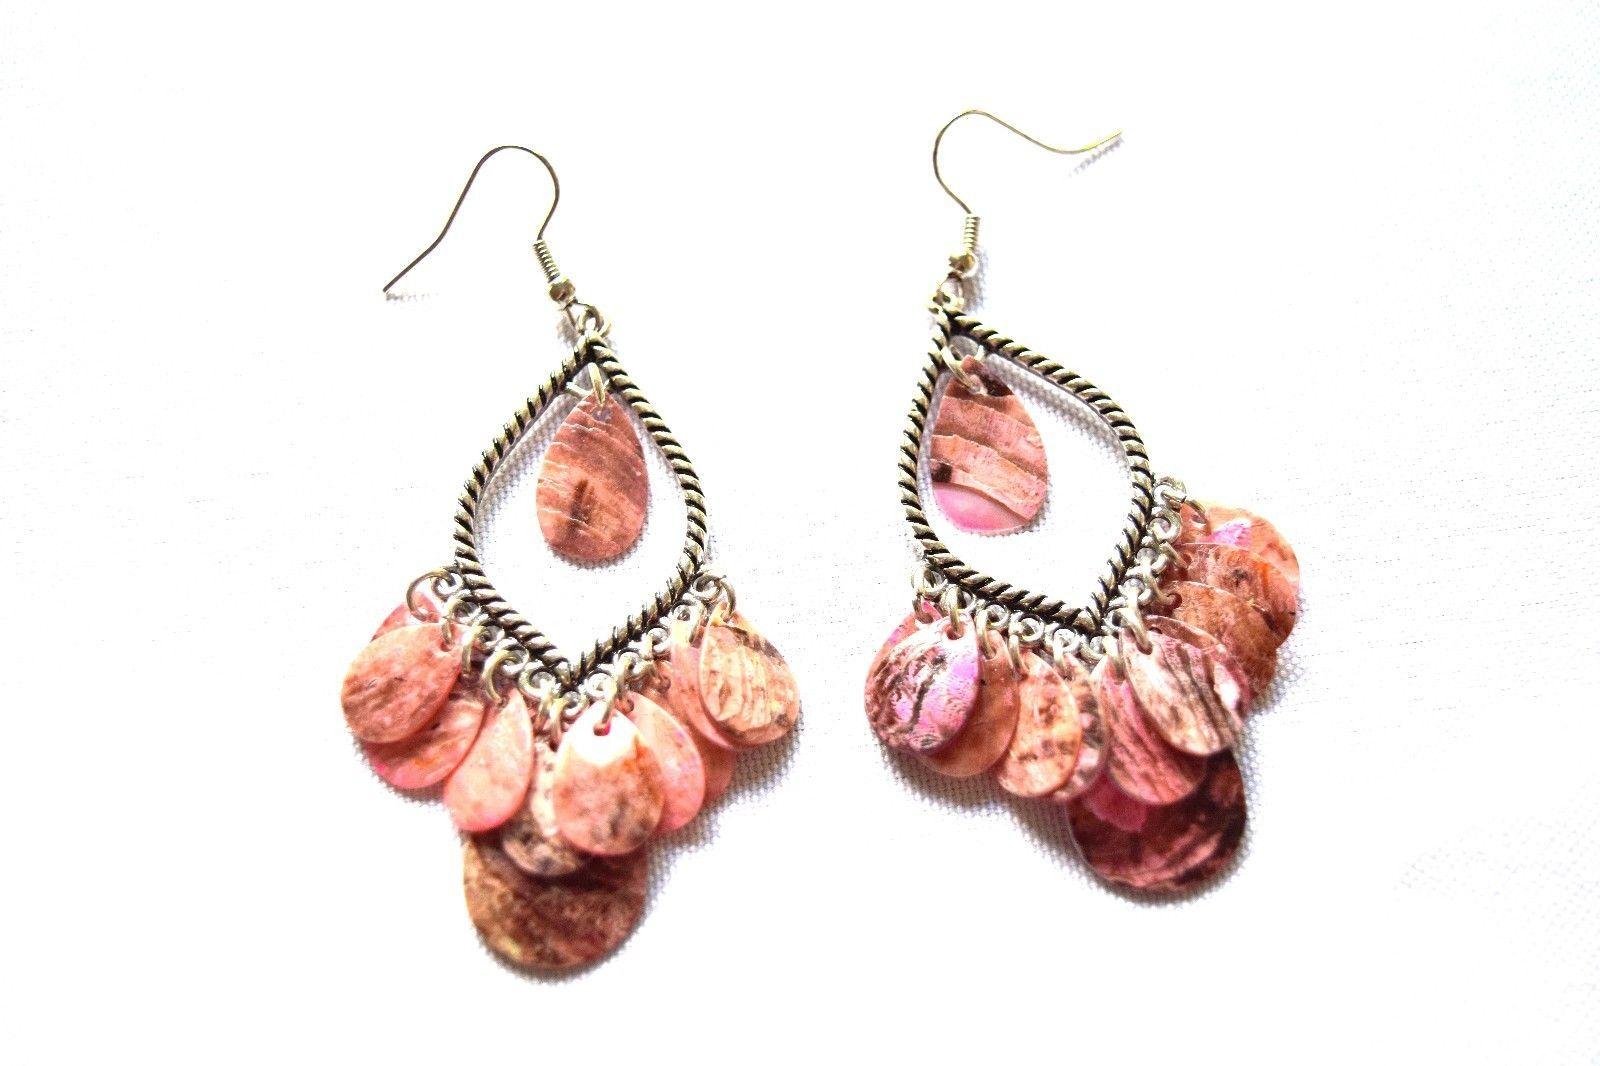 Chandelier Earrings Fashion Jewelry Drop Earrings Dangle Earrings Boho Jewelry